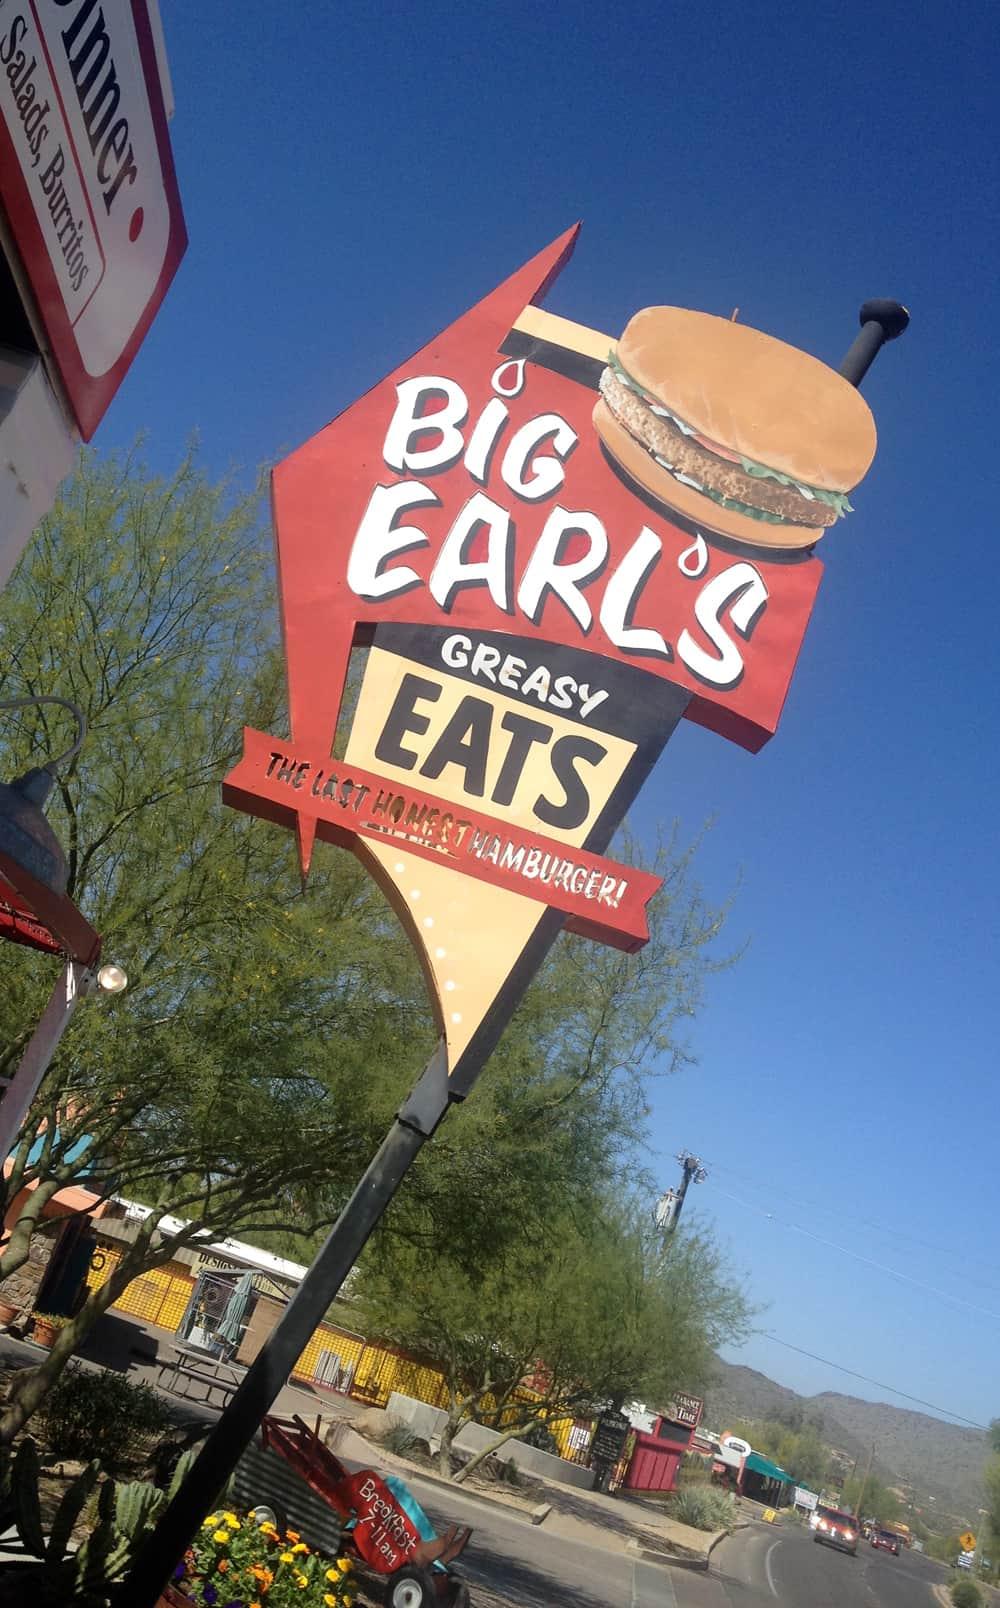 Big Earls- at Cave Creek, AZ.